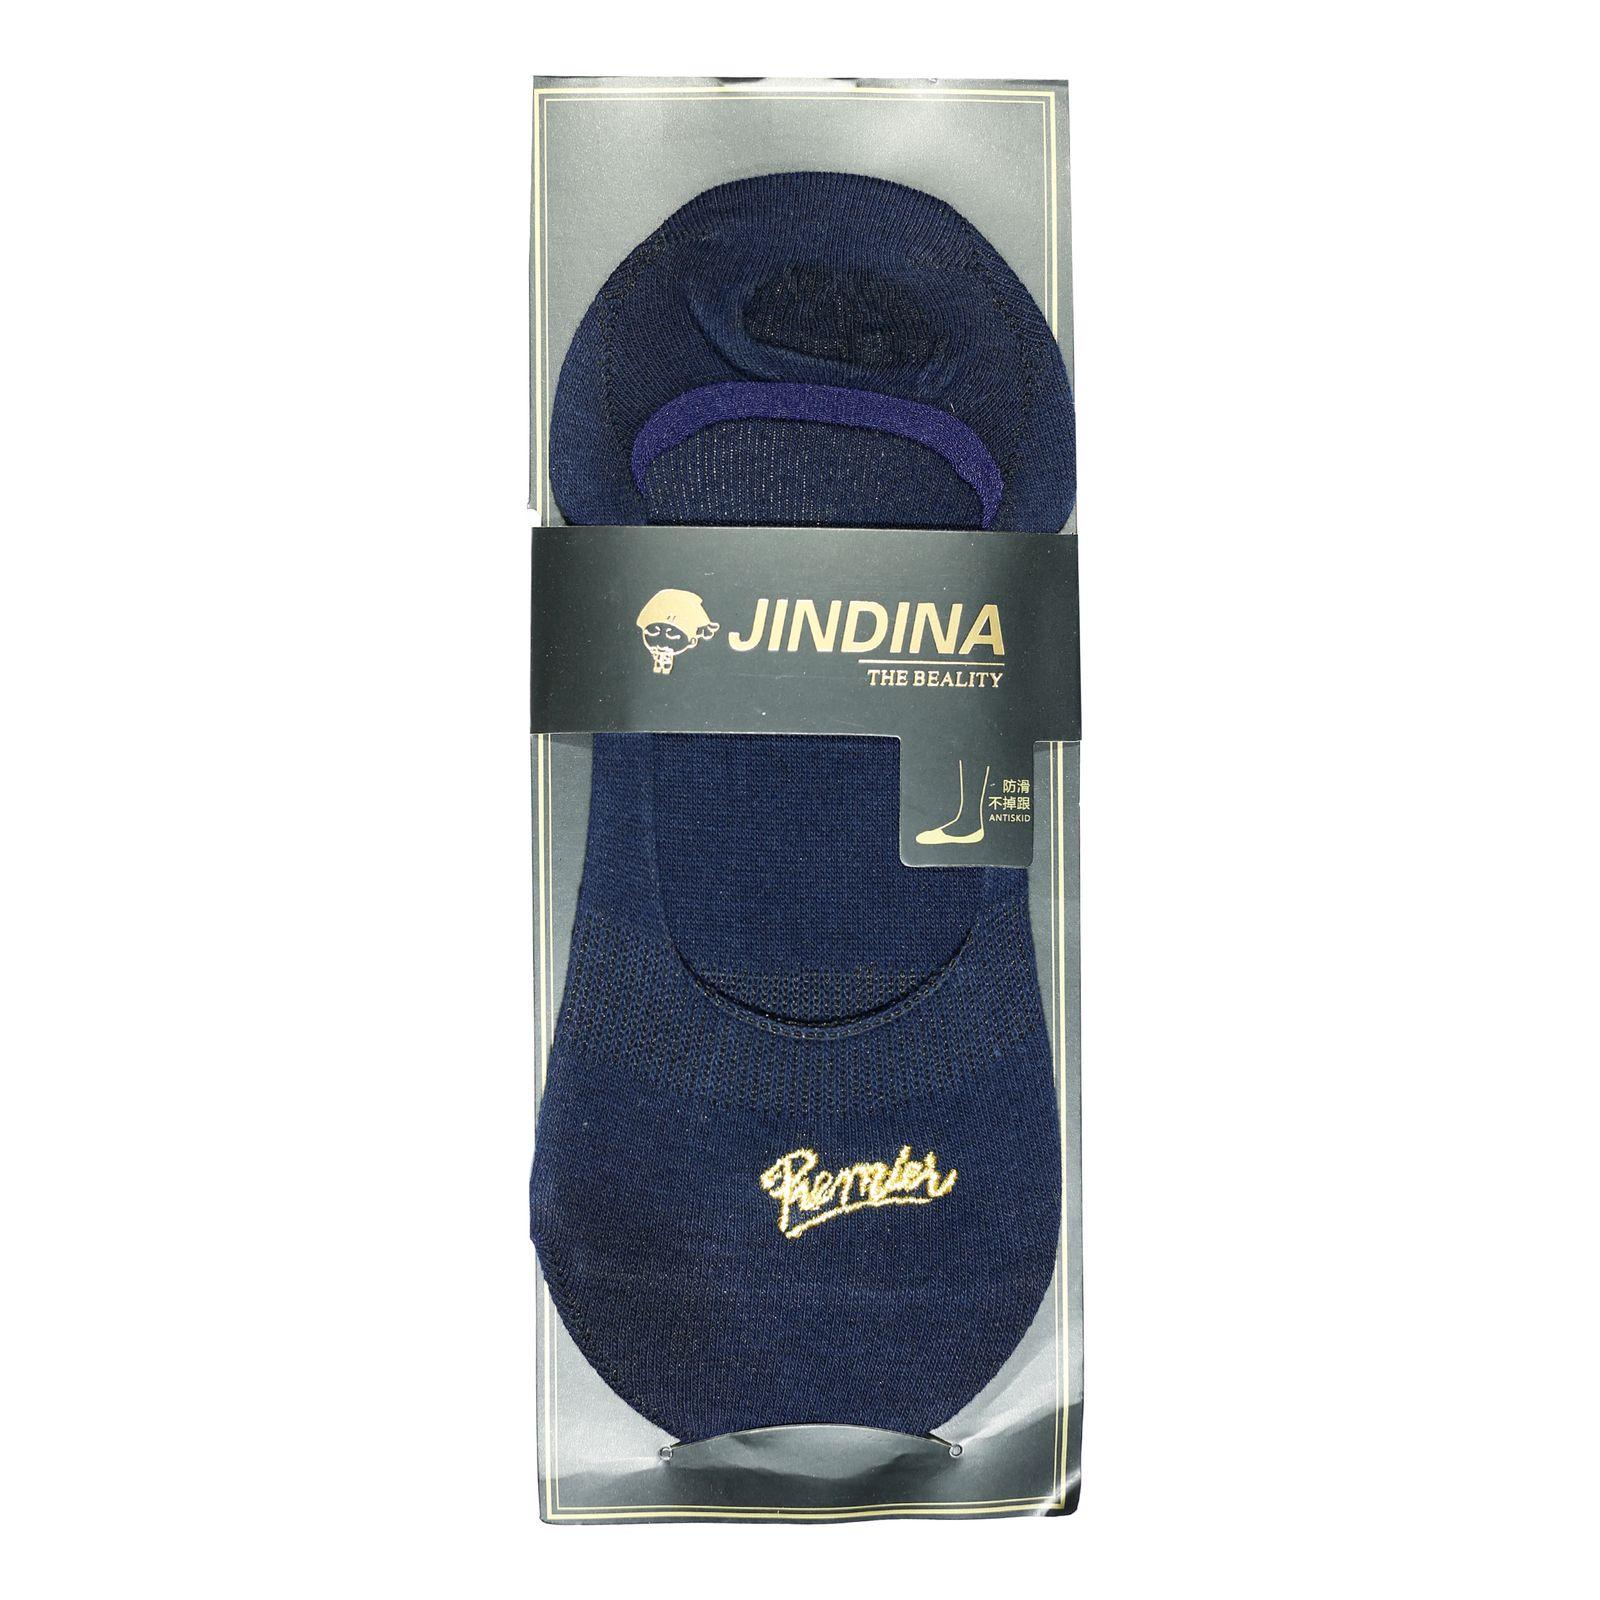 جوراب مردانه جین دینا کد BL-CK 201 مجموعه 3 عددی -  - 4